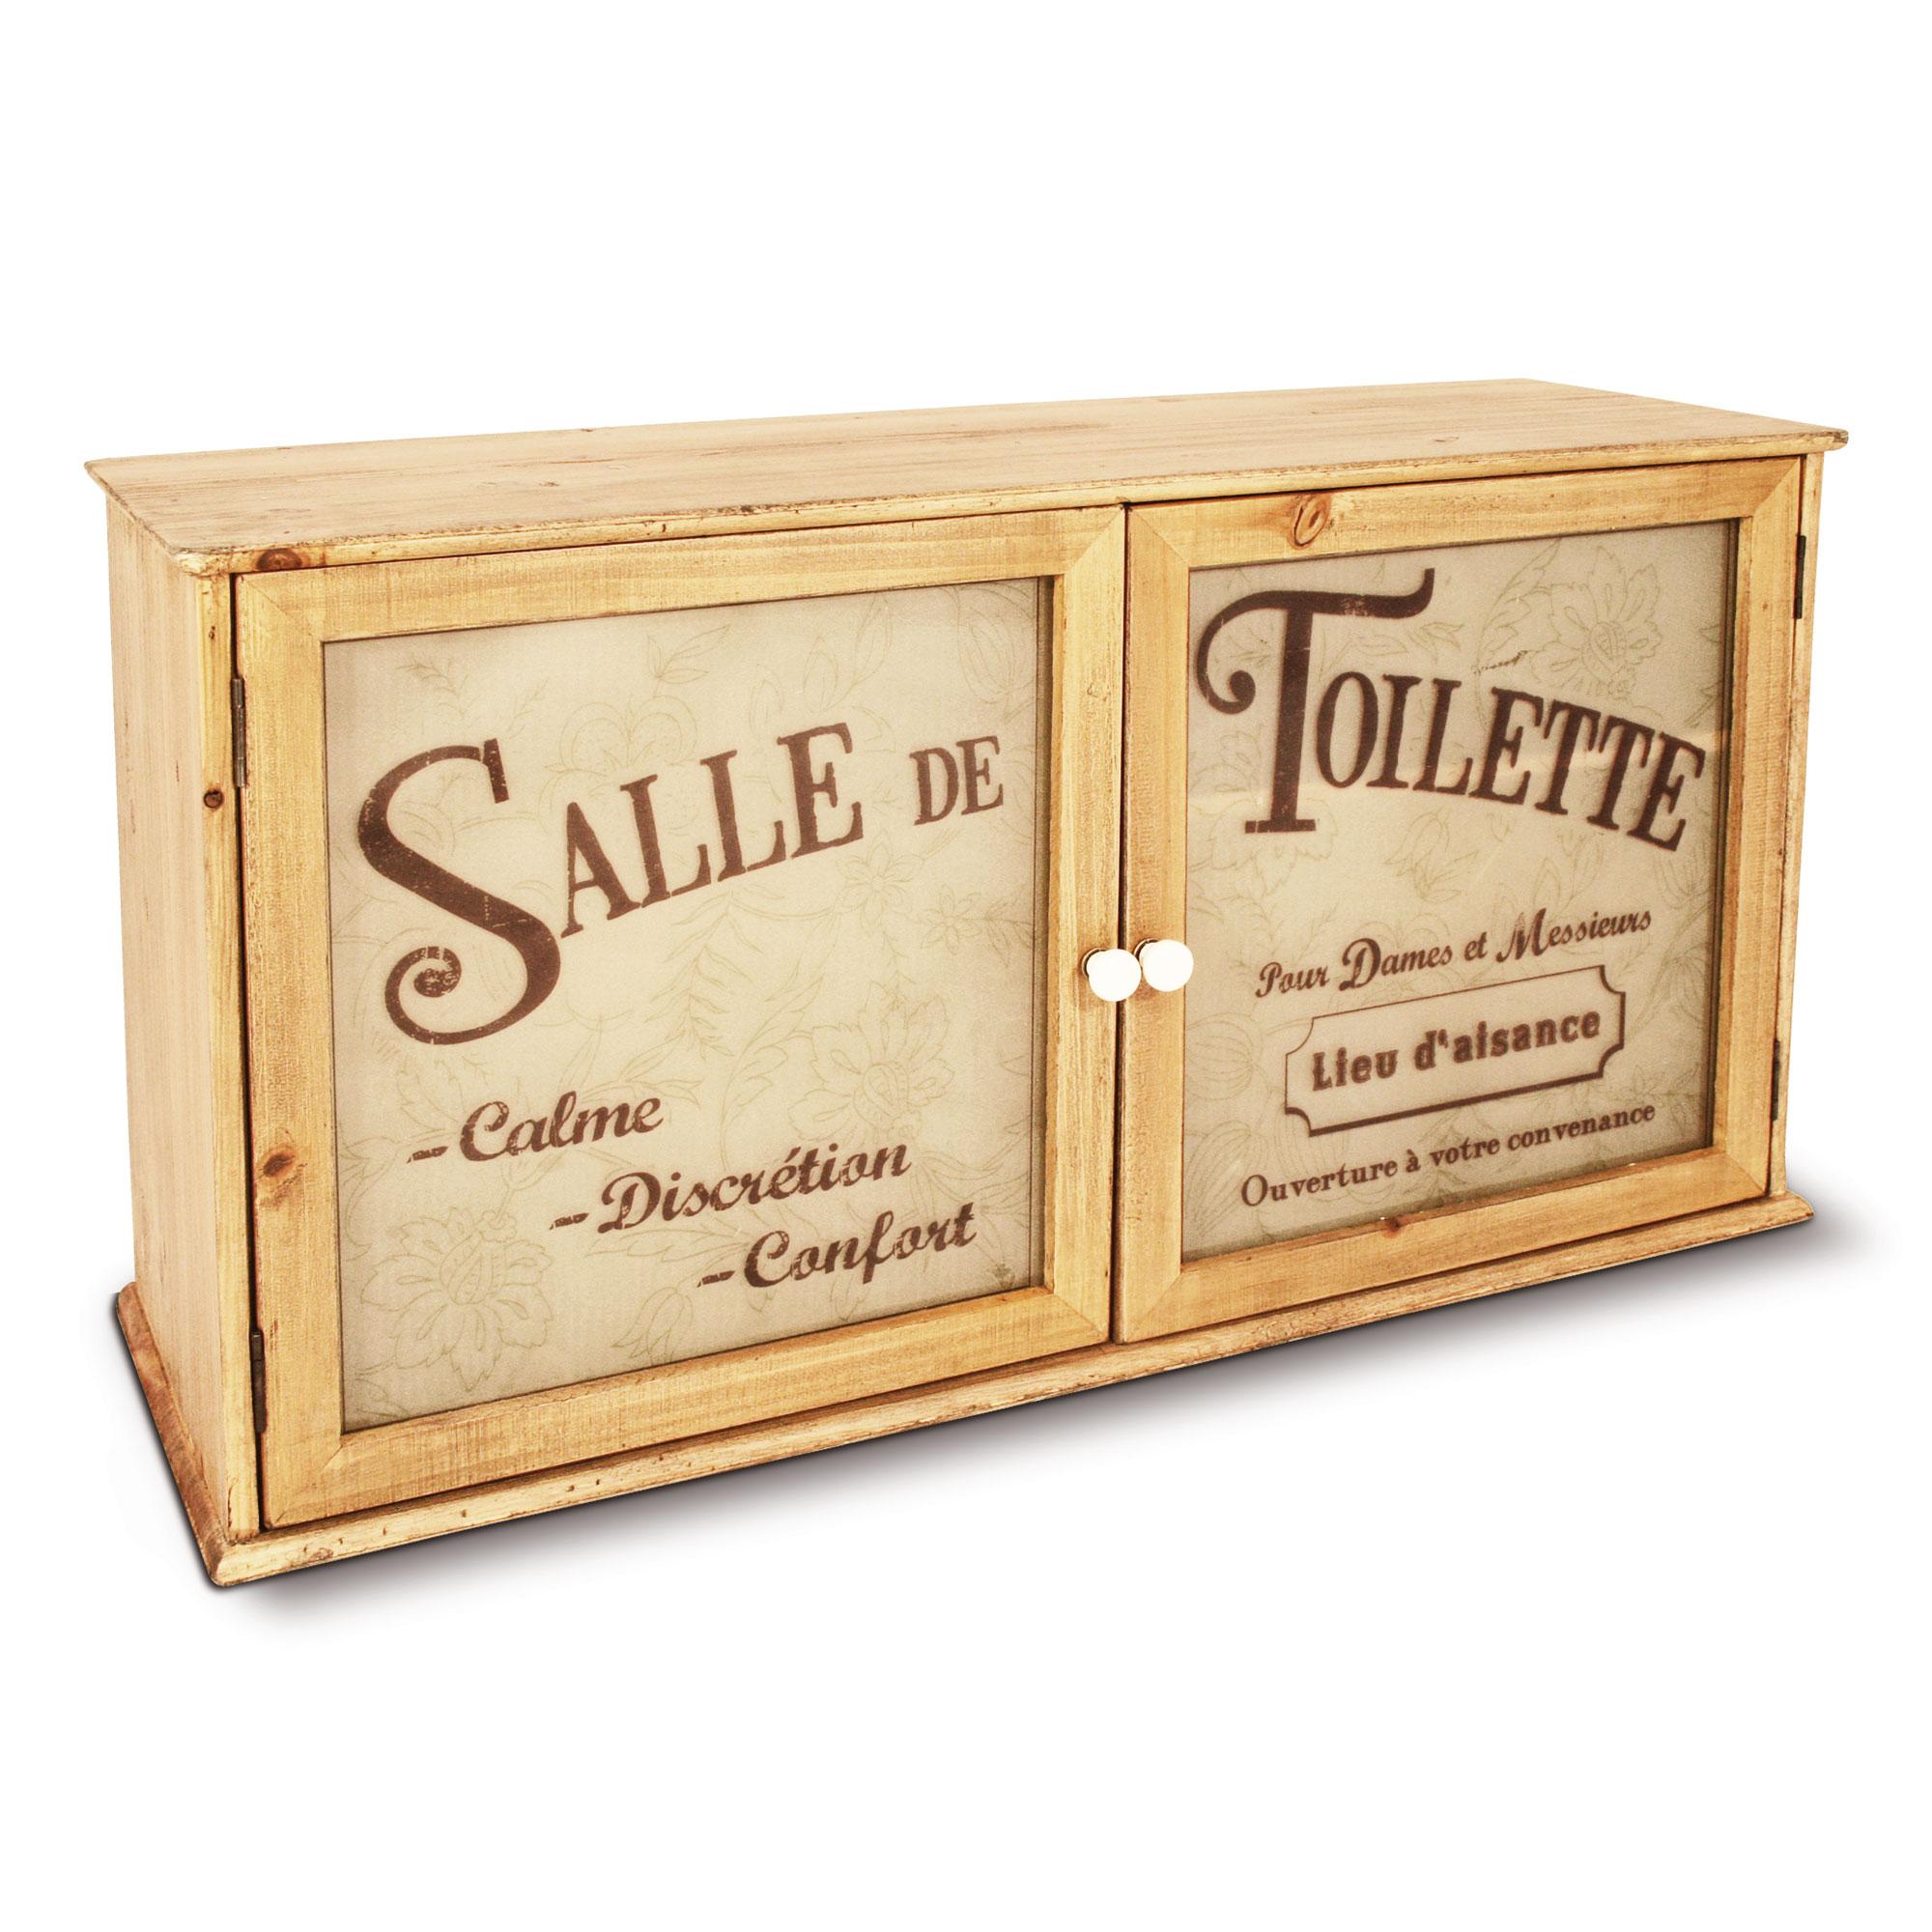 Meuble Wc En Bois 2 Portes Salle De Toilette Balneo Natives Delamaison Ventes Pas Cher Com